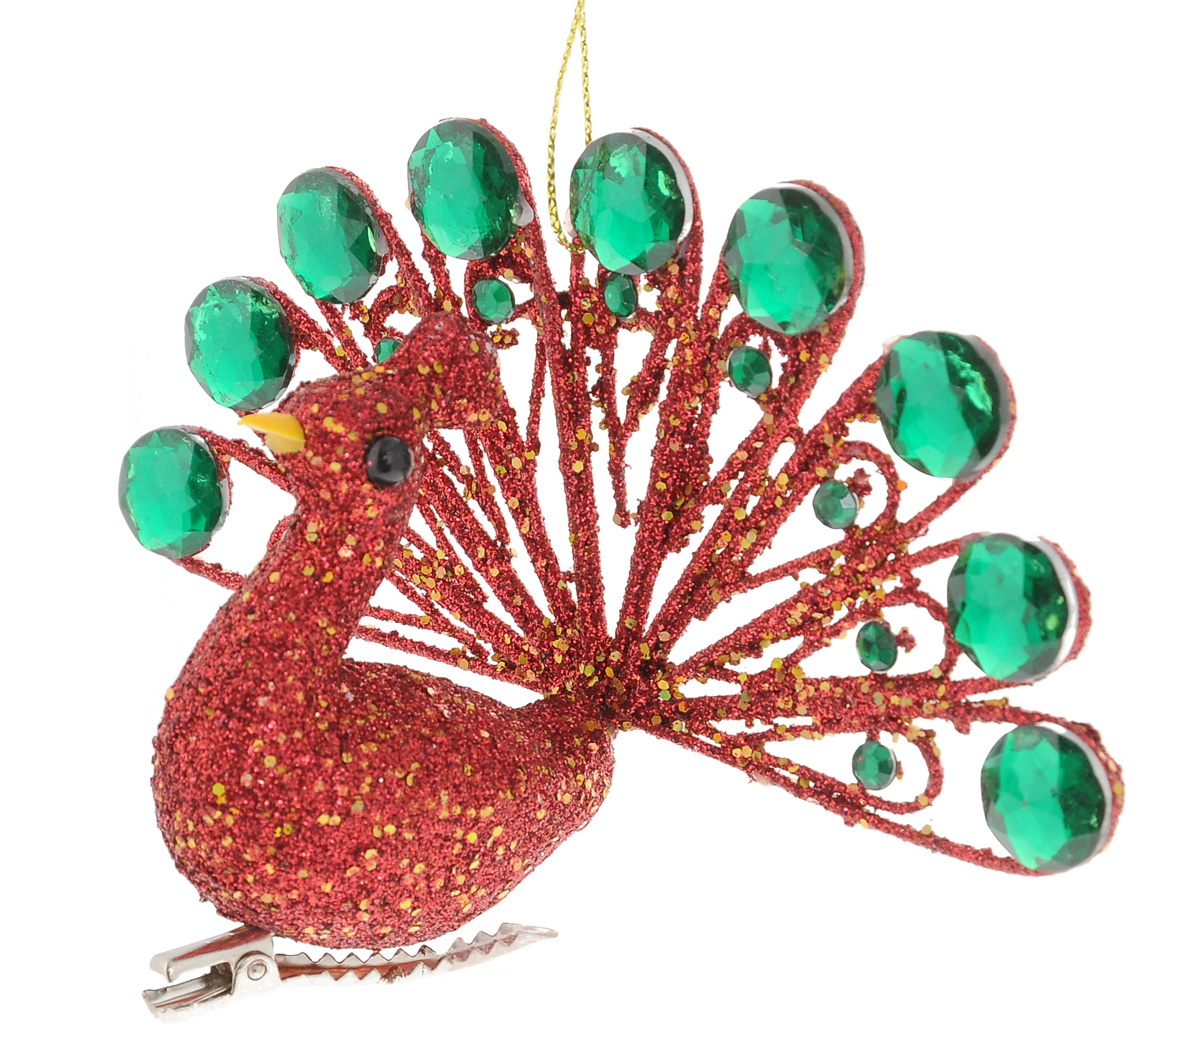 Новогоднее подвесное украшение Winter Wings ПавлинN180054Подвесное украшение Winter Wings Павлин станет отличным новогодним украшением на елку. Изделие выполнено из полирезины в виде павлина, декорированного красными и золотистыми блестками и крупными зелеными камнями. Подвешивается на елку с помощью текстильной петельки, также крепится к веткам с помощью металлической прищепки. Ваша зеленая красавица с таким украшением будет выглядеть стильно и волшебно. Создайте в своем доме по-настоящему сказочную атмосферу.